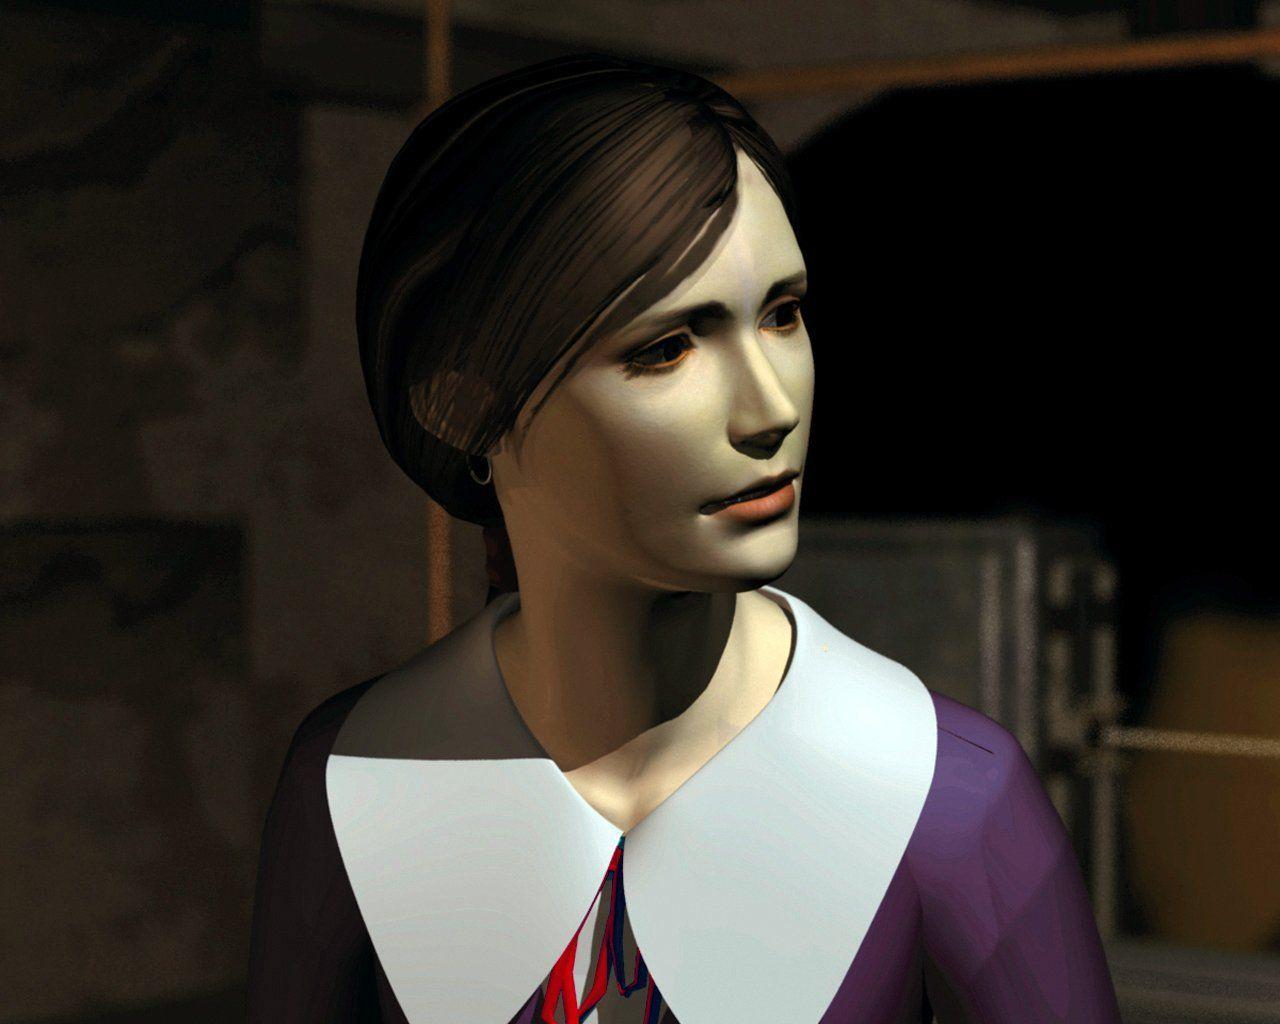 Alessa Gillespie Silent Hill Silent Hill Silent Hill 1